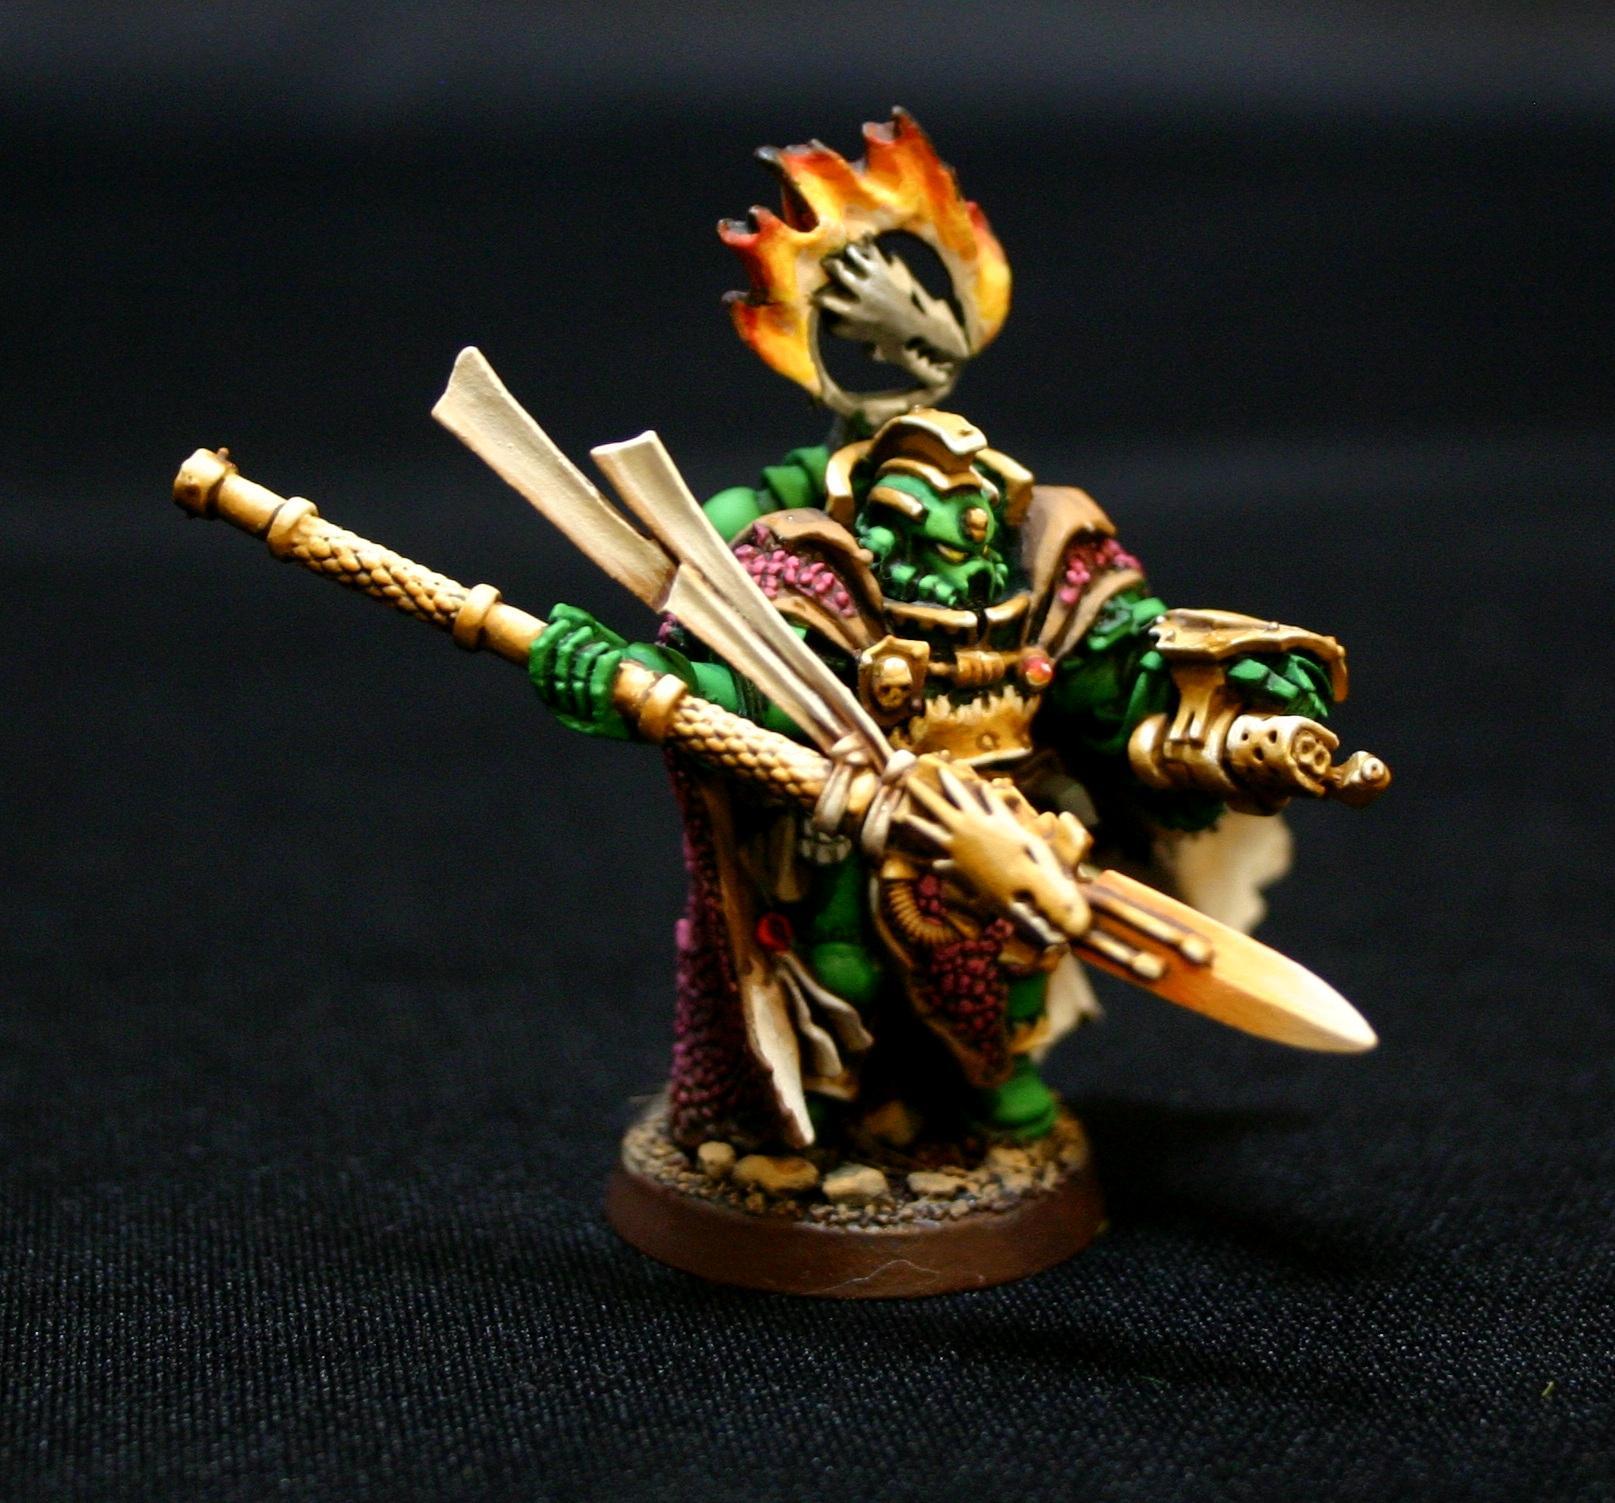 He'stan, Salamanders, Space Marines, Vulkan, Warhammer 40,000